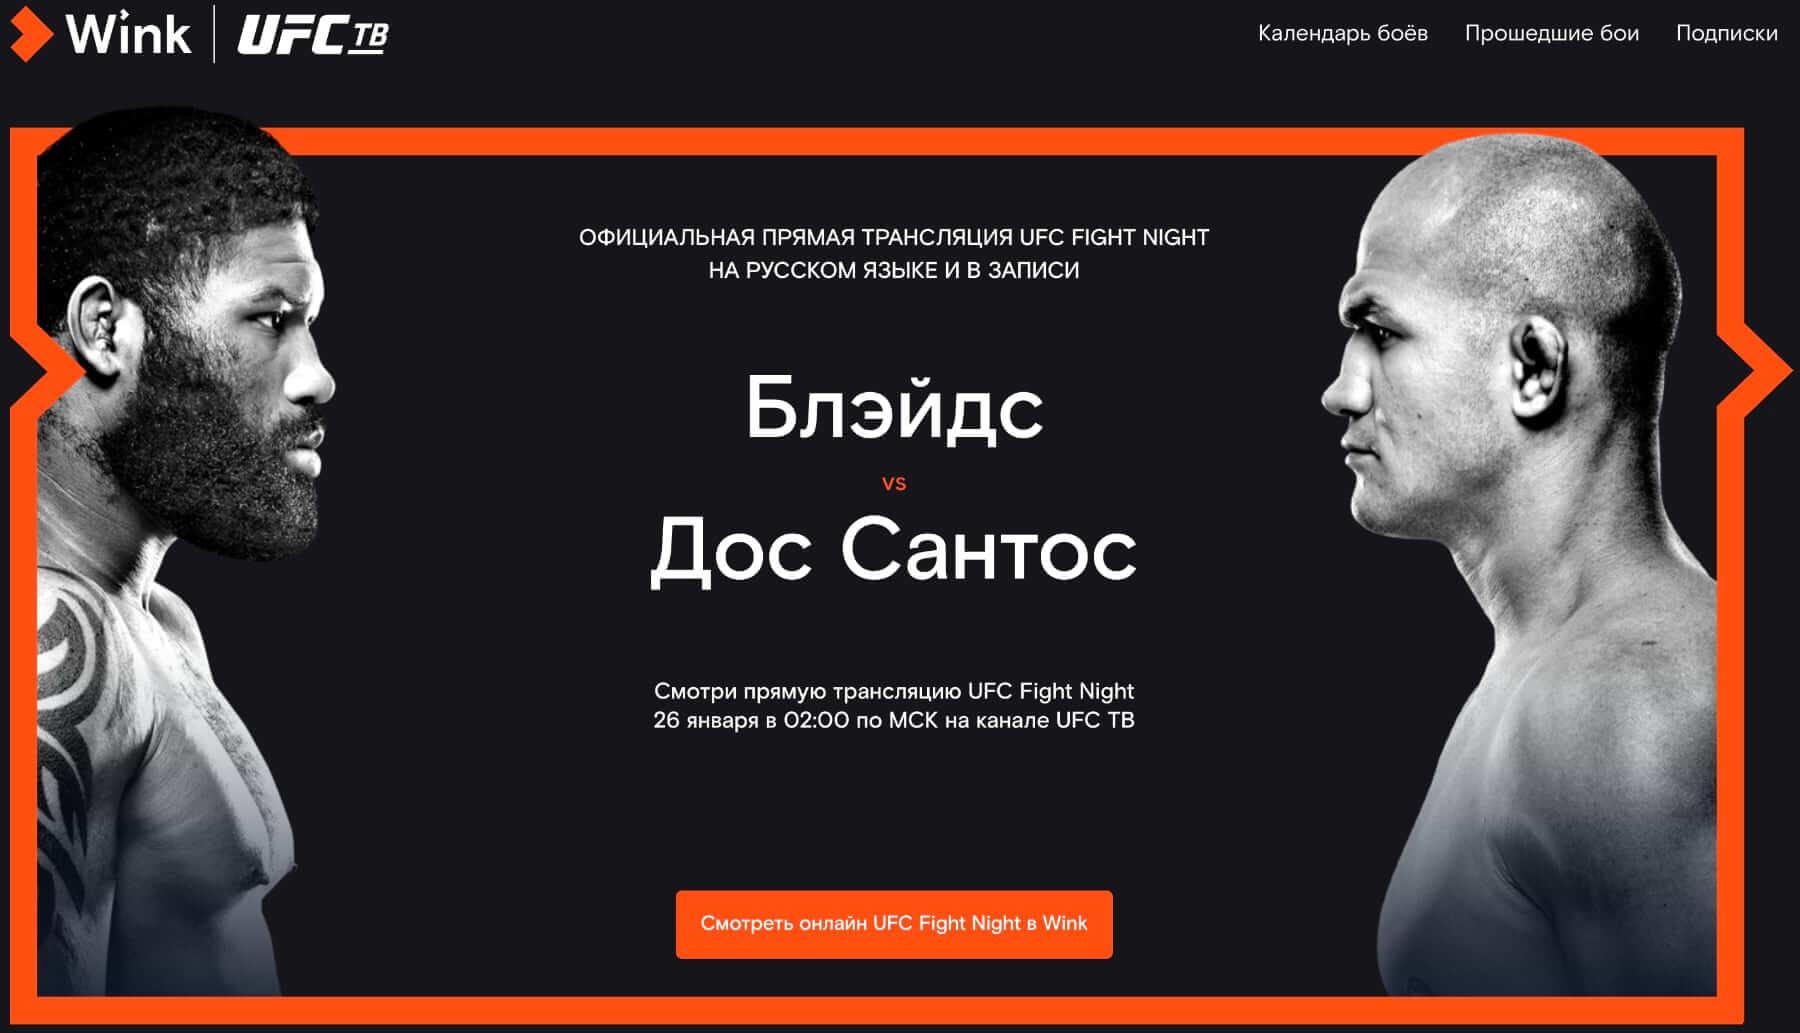 Главный экран UFC ТВ